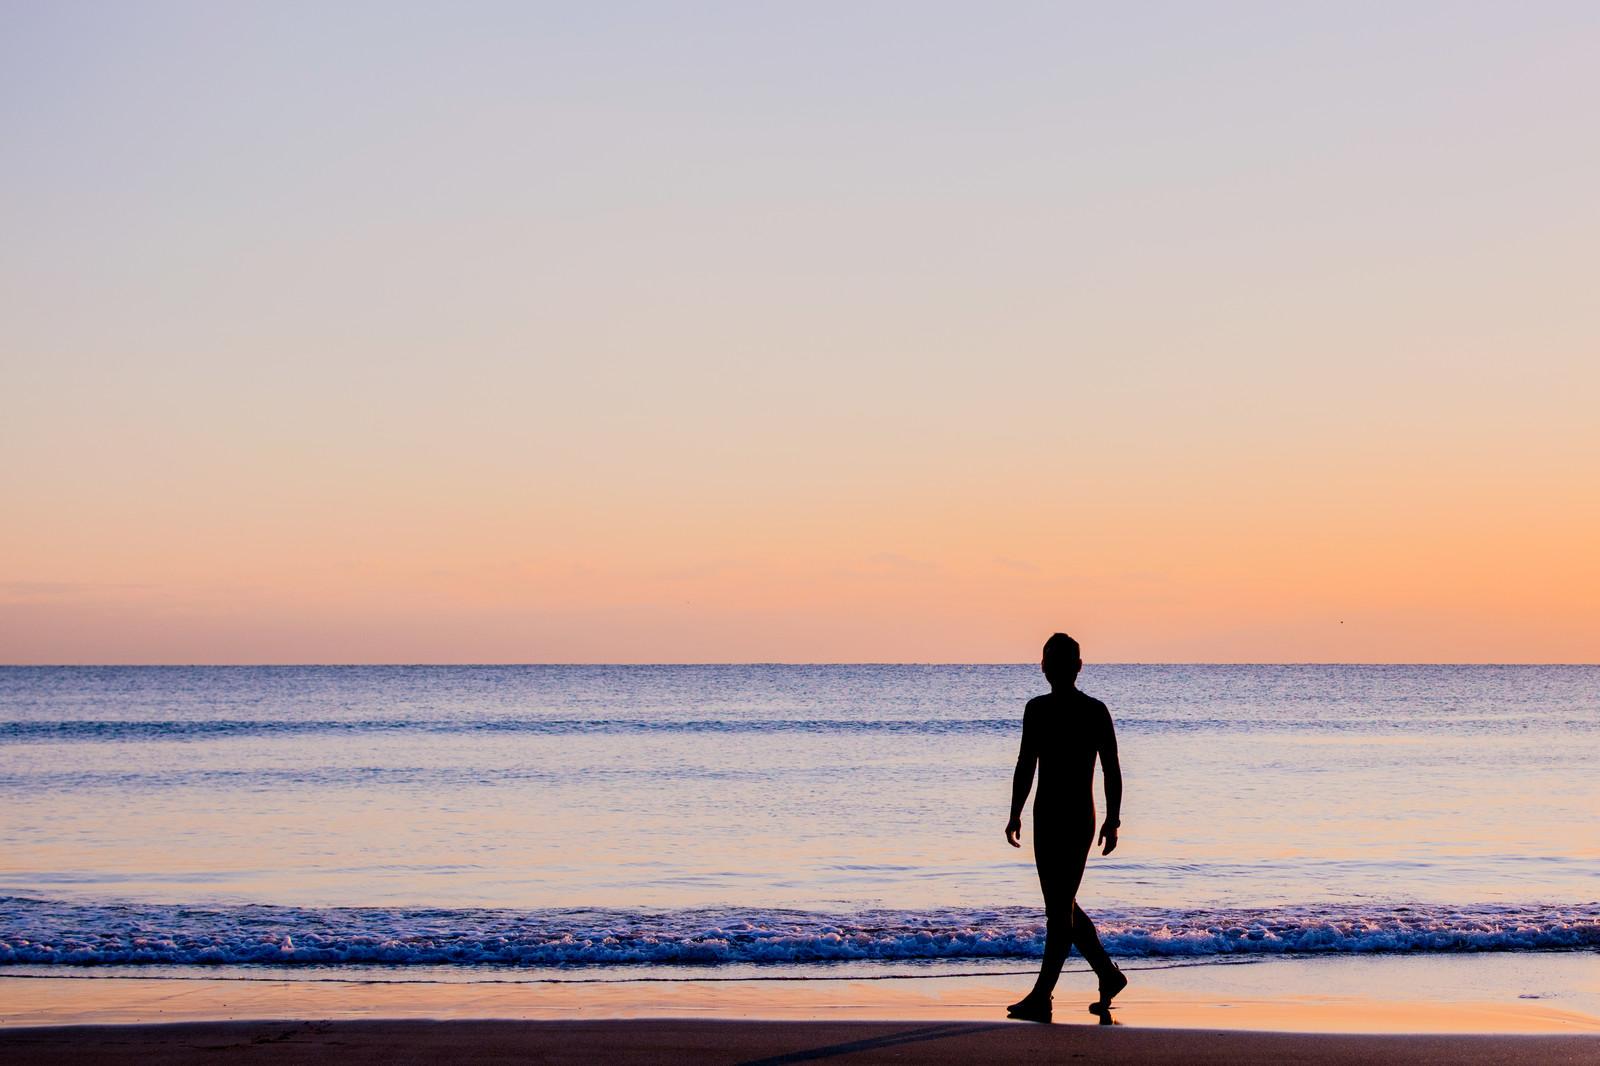 朝の海岸をひとり歩く